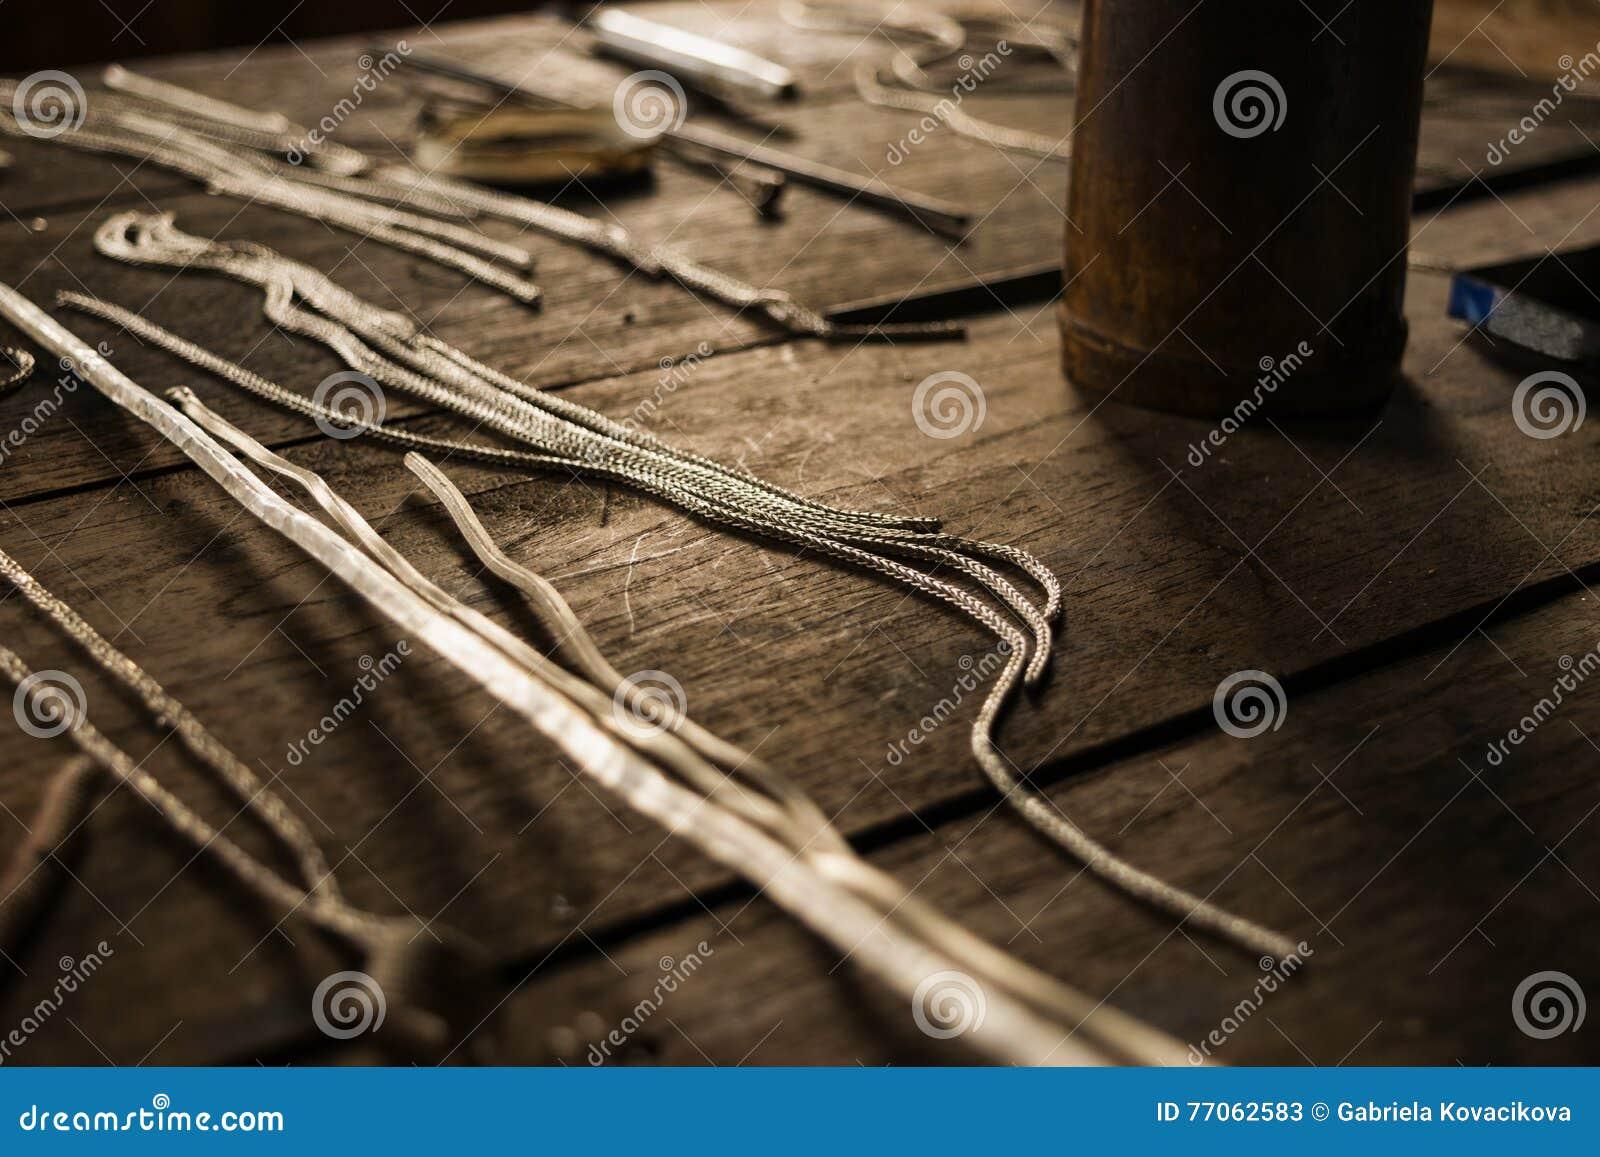 Серебряные цепи для делать продукты украшений